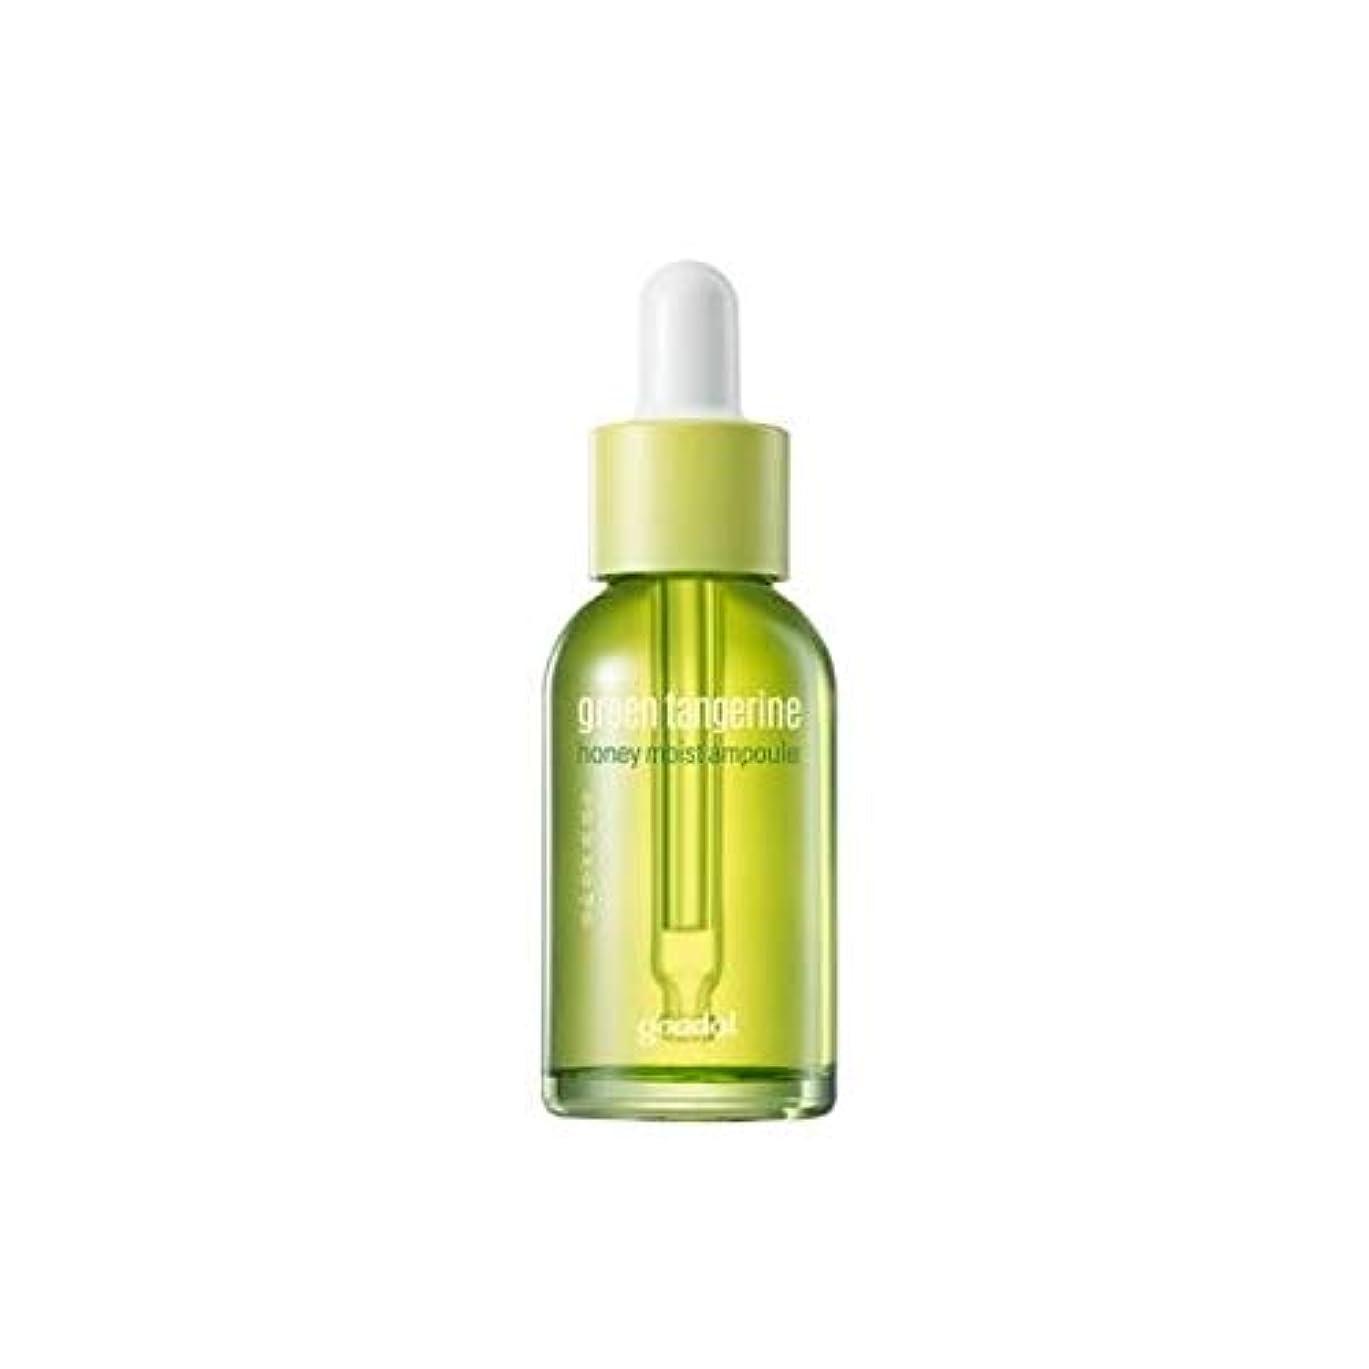 空気逃げる信条Goodal Green Tangerine Honey Moist Ampule グーダル チョンギュル(青みかん) ハニー モイスト アンプル 30ml [並行輸入品]